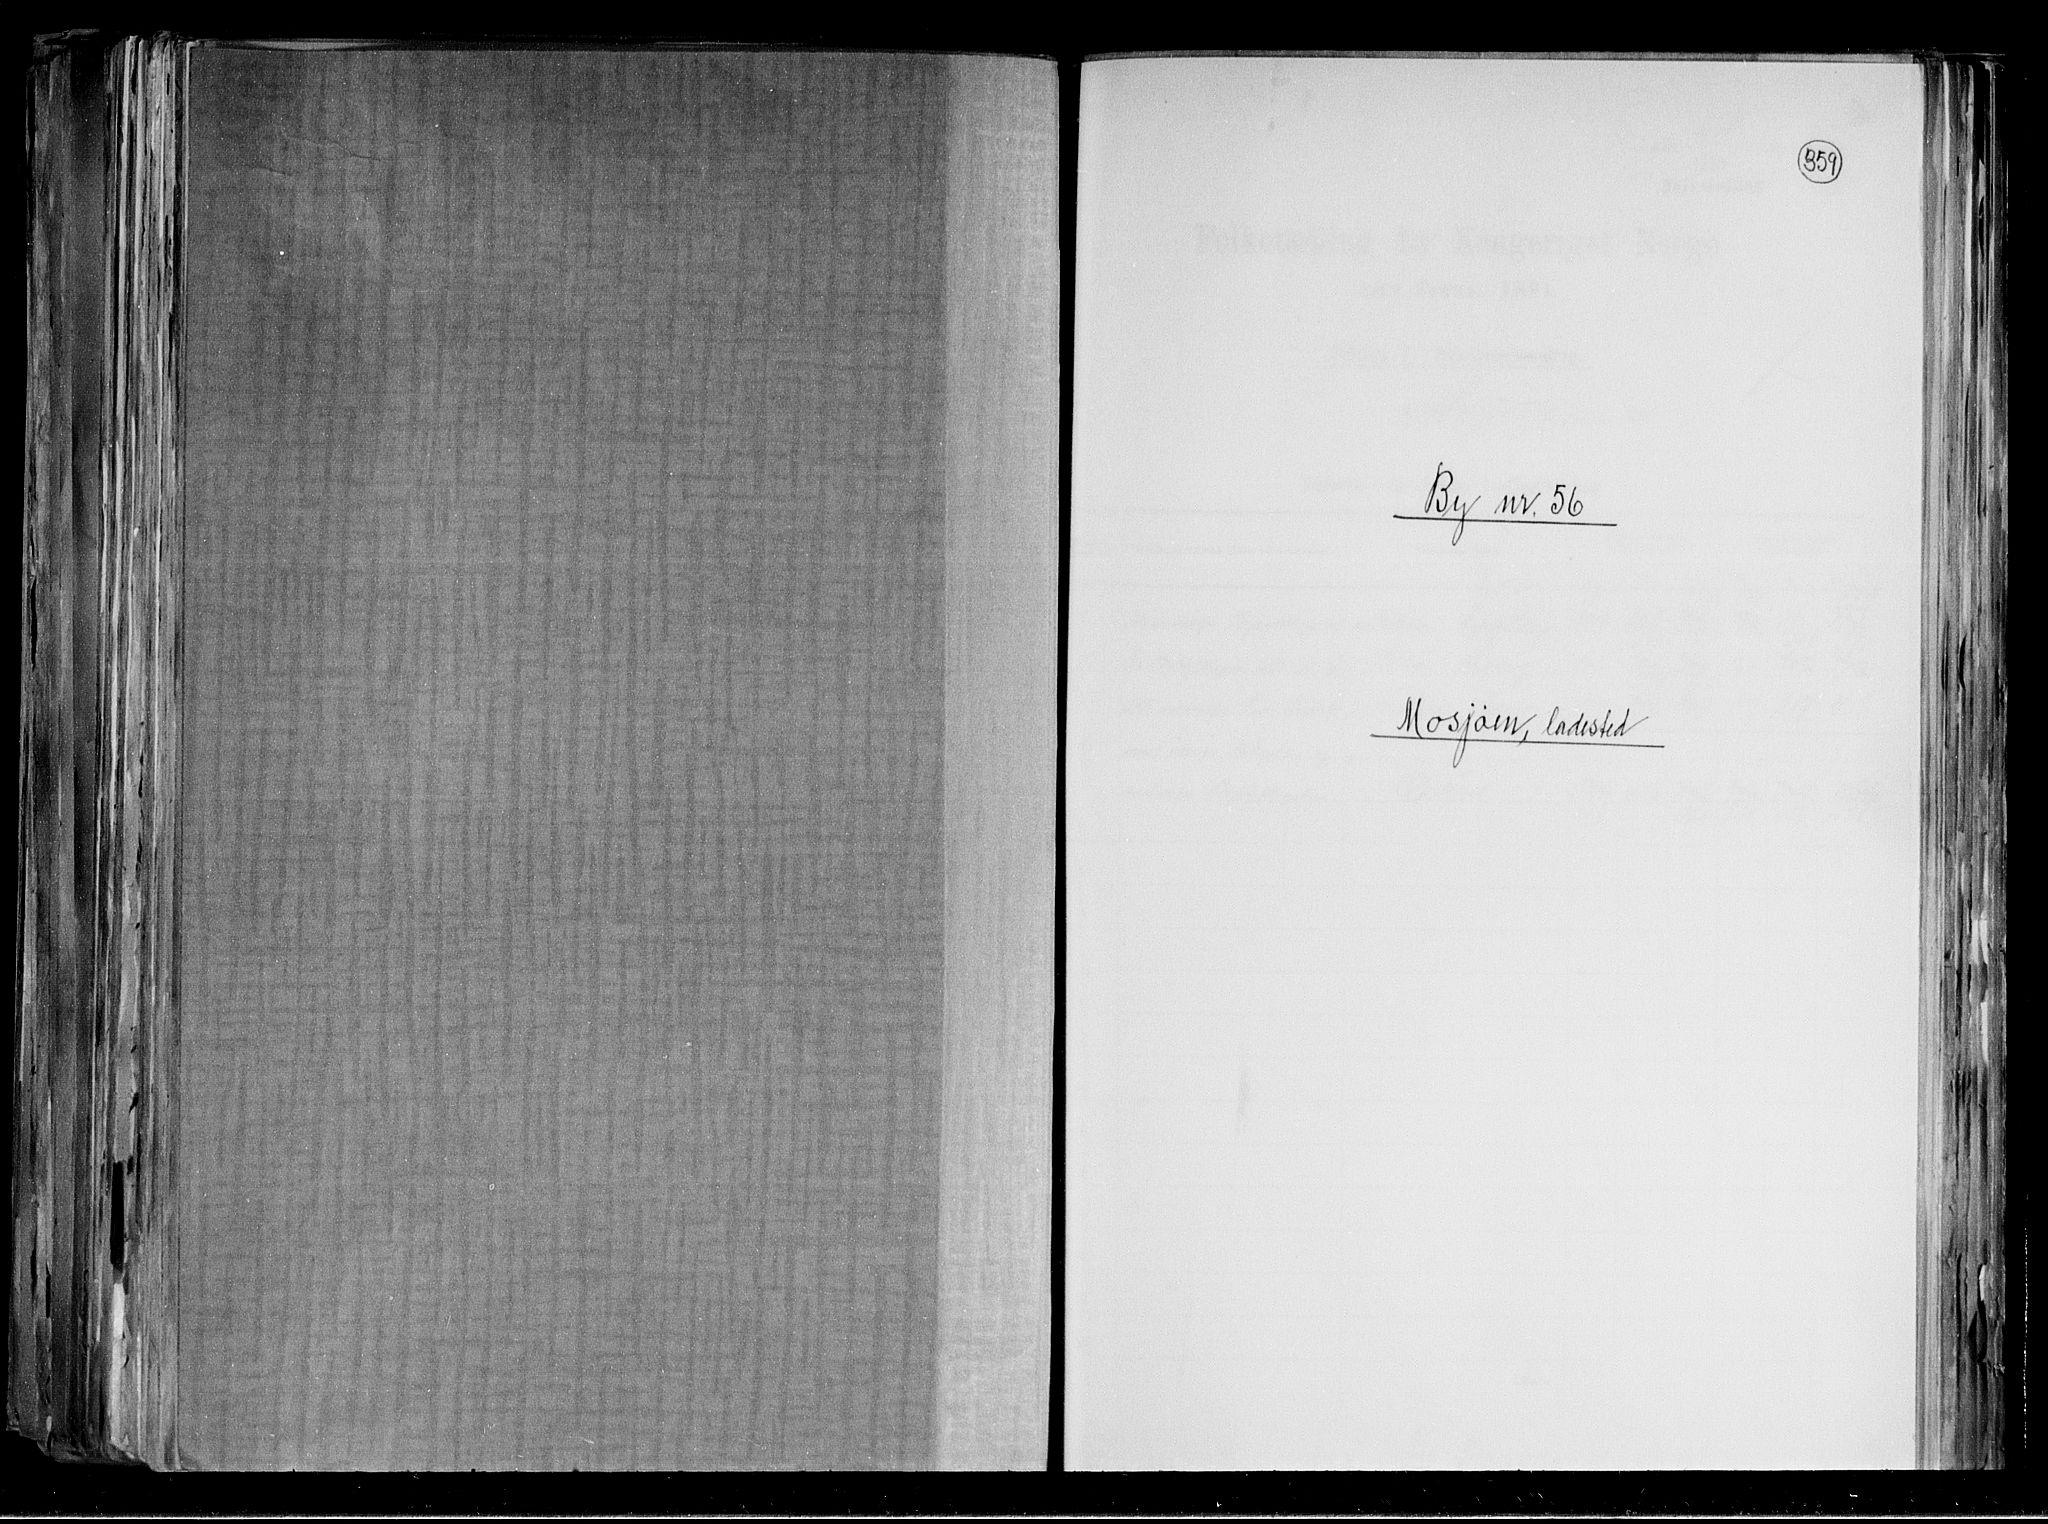 RA, Folketelling 1891 for 1802 Mosjøen ladested, 1891, s. 1